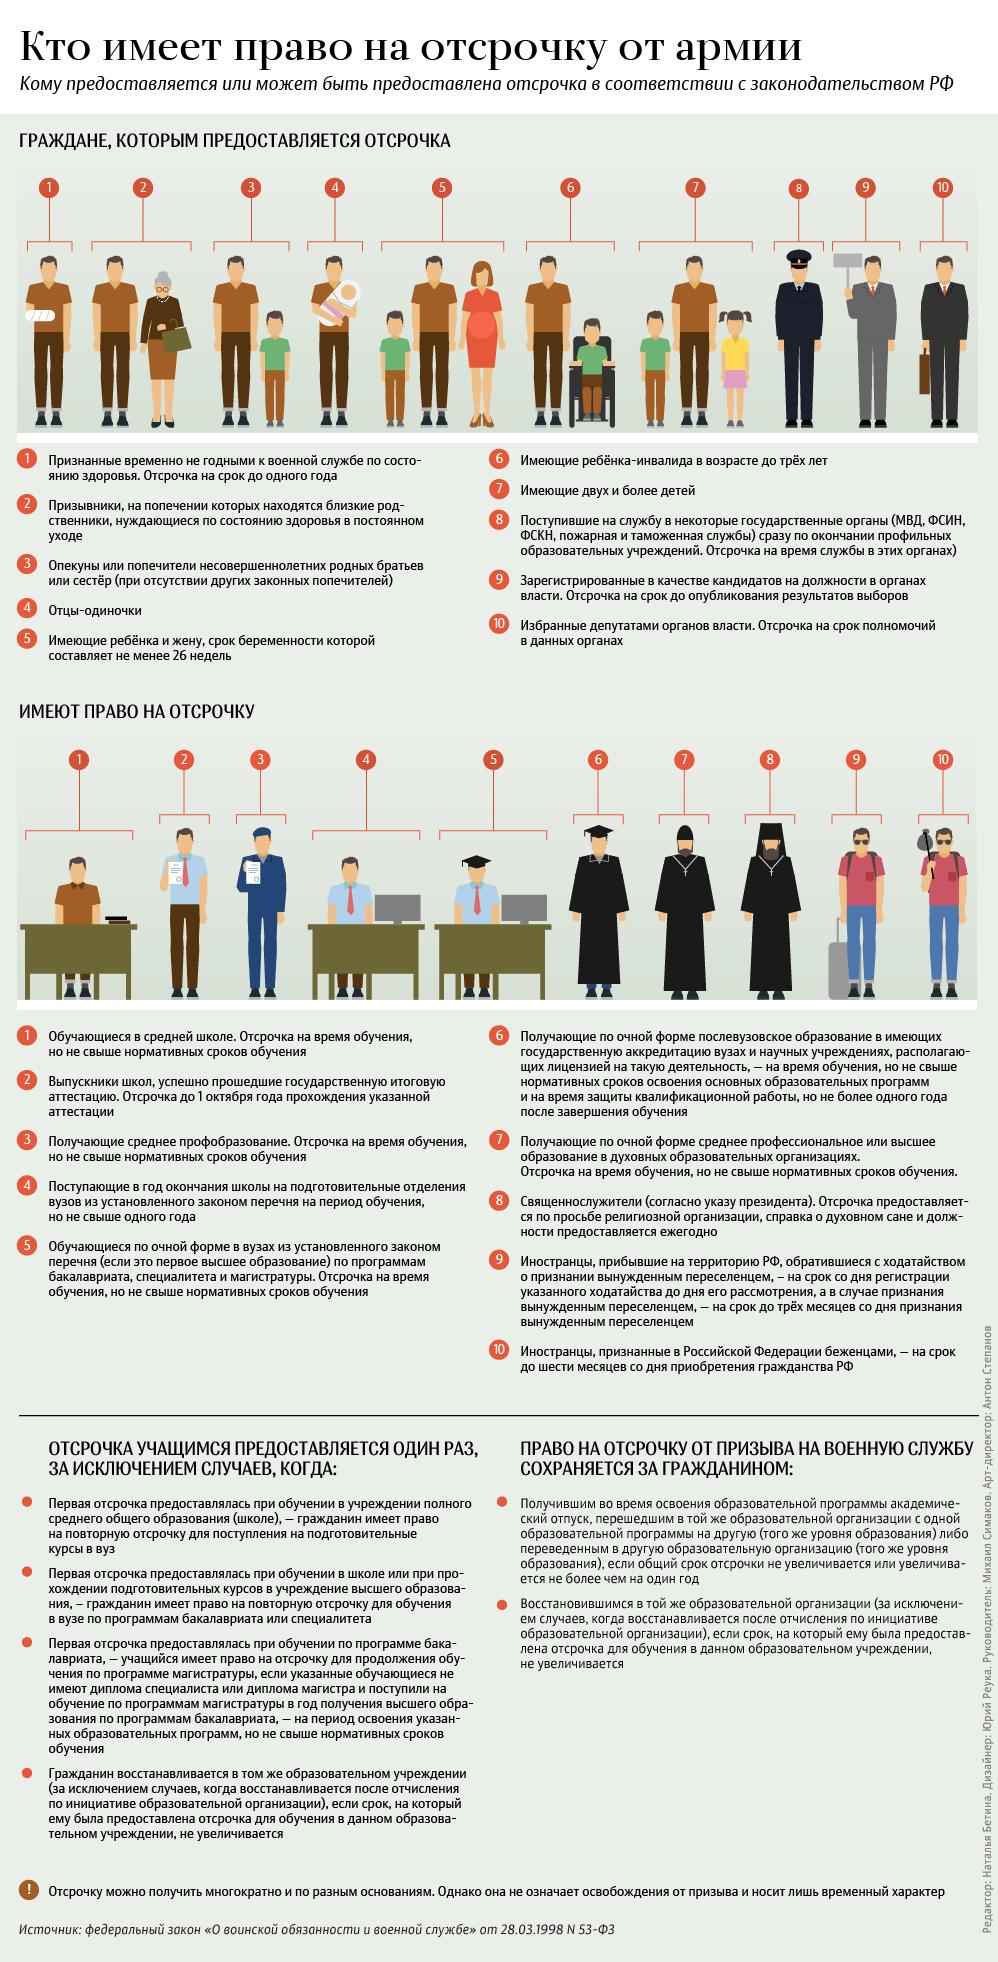 Как объяснить парадоксальный опрос об отношении украинцев к россиянам